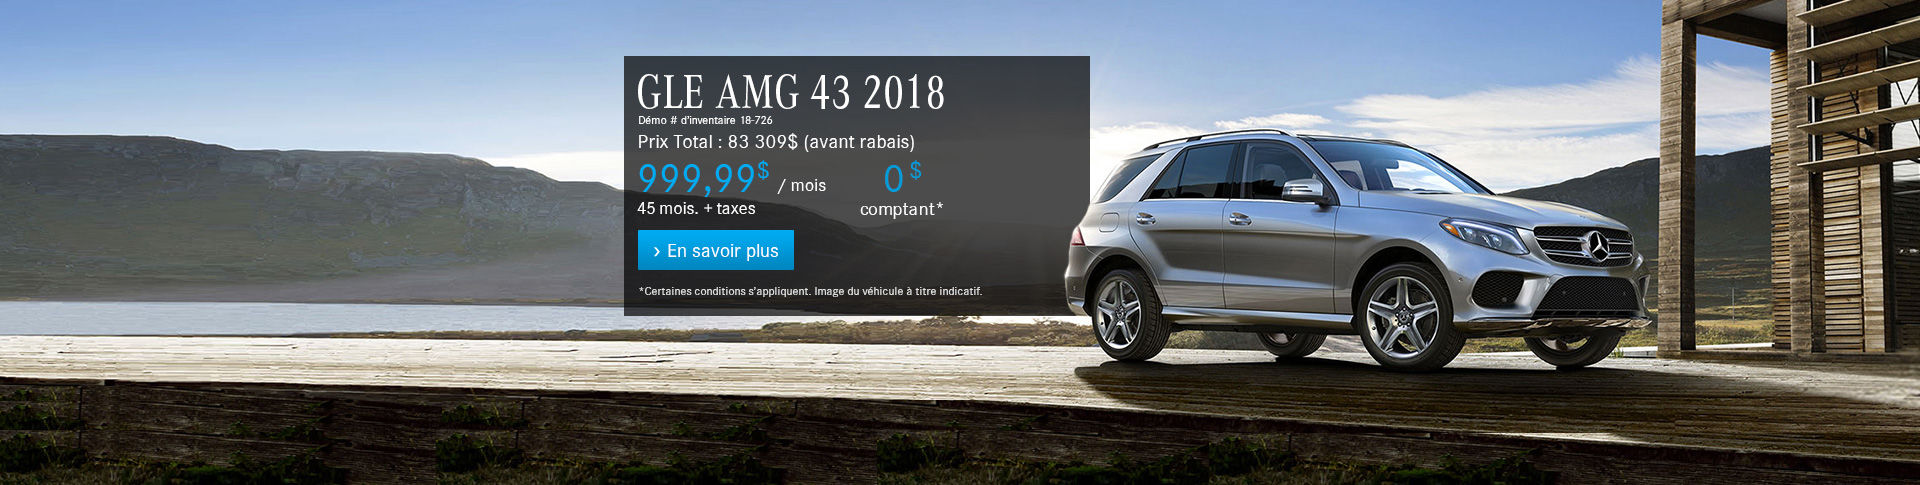 GLE AMG 43 2018